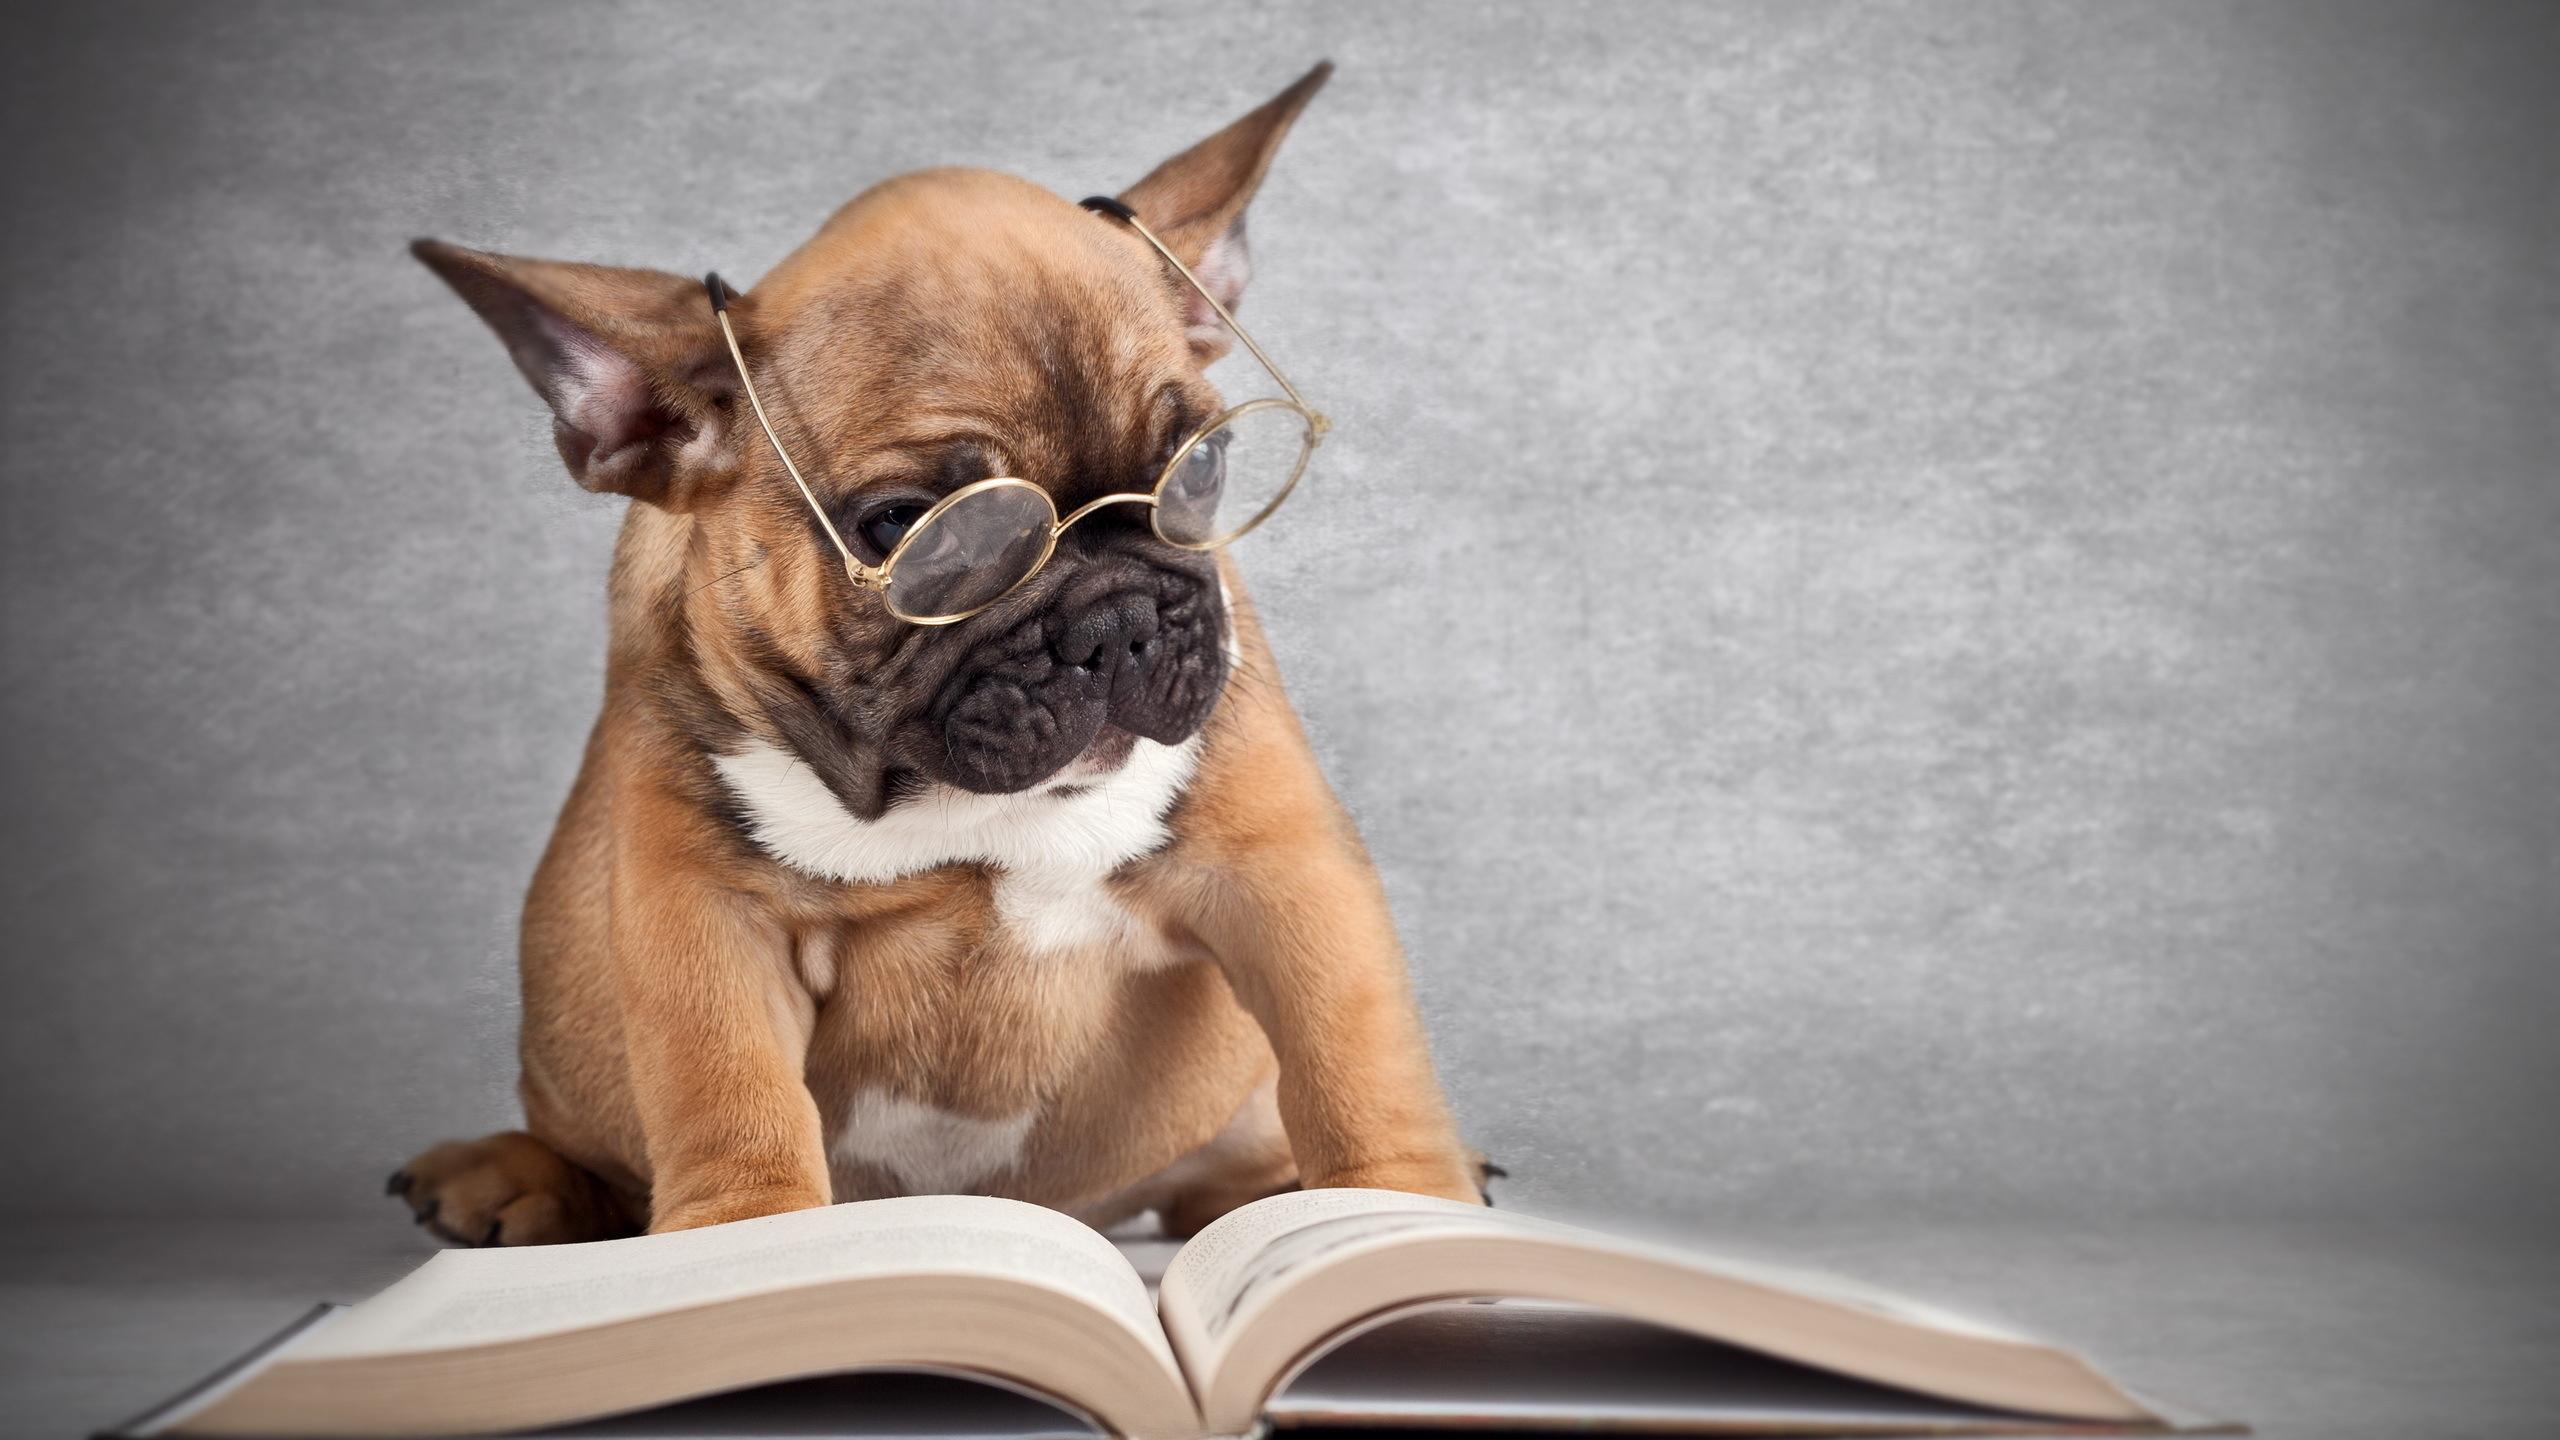 Вацап, картинки на телефон собаки прикольные